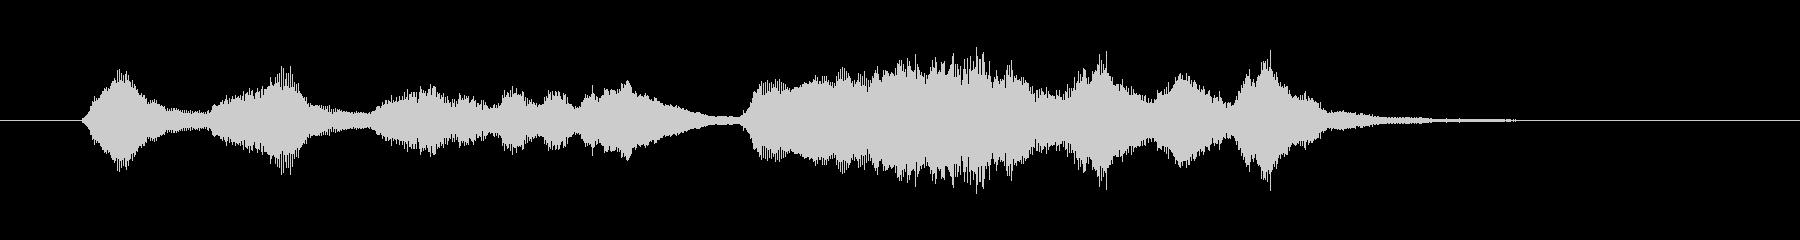 アイネクライネナハトムジーク1短ジングルの未再生の波形